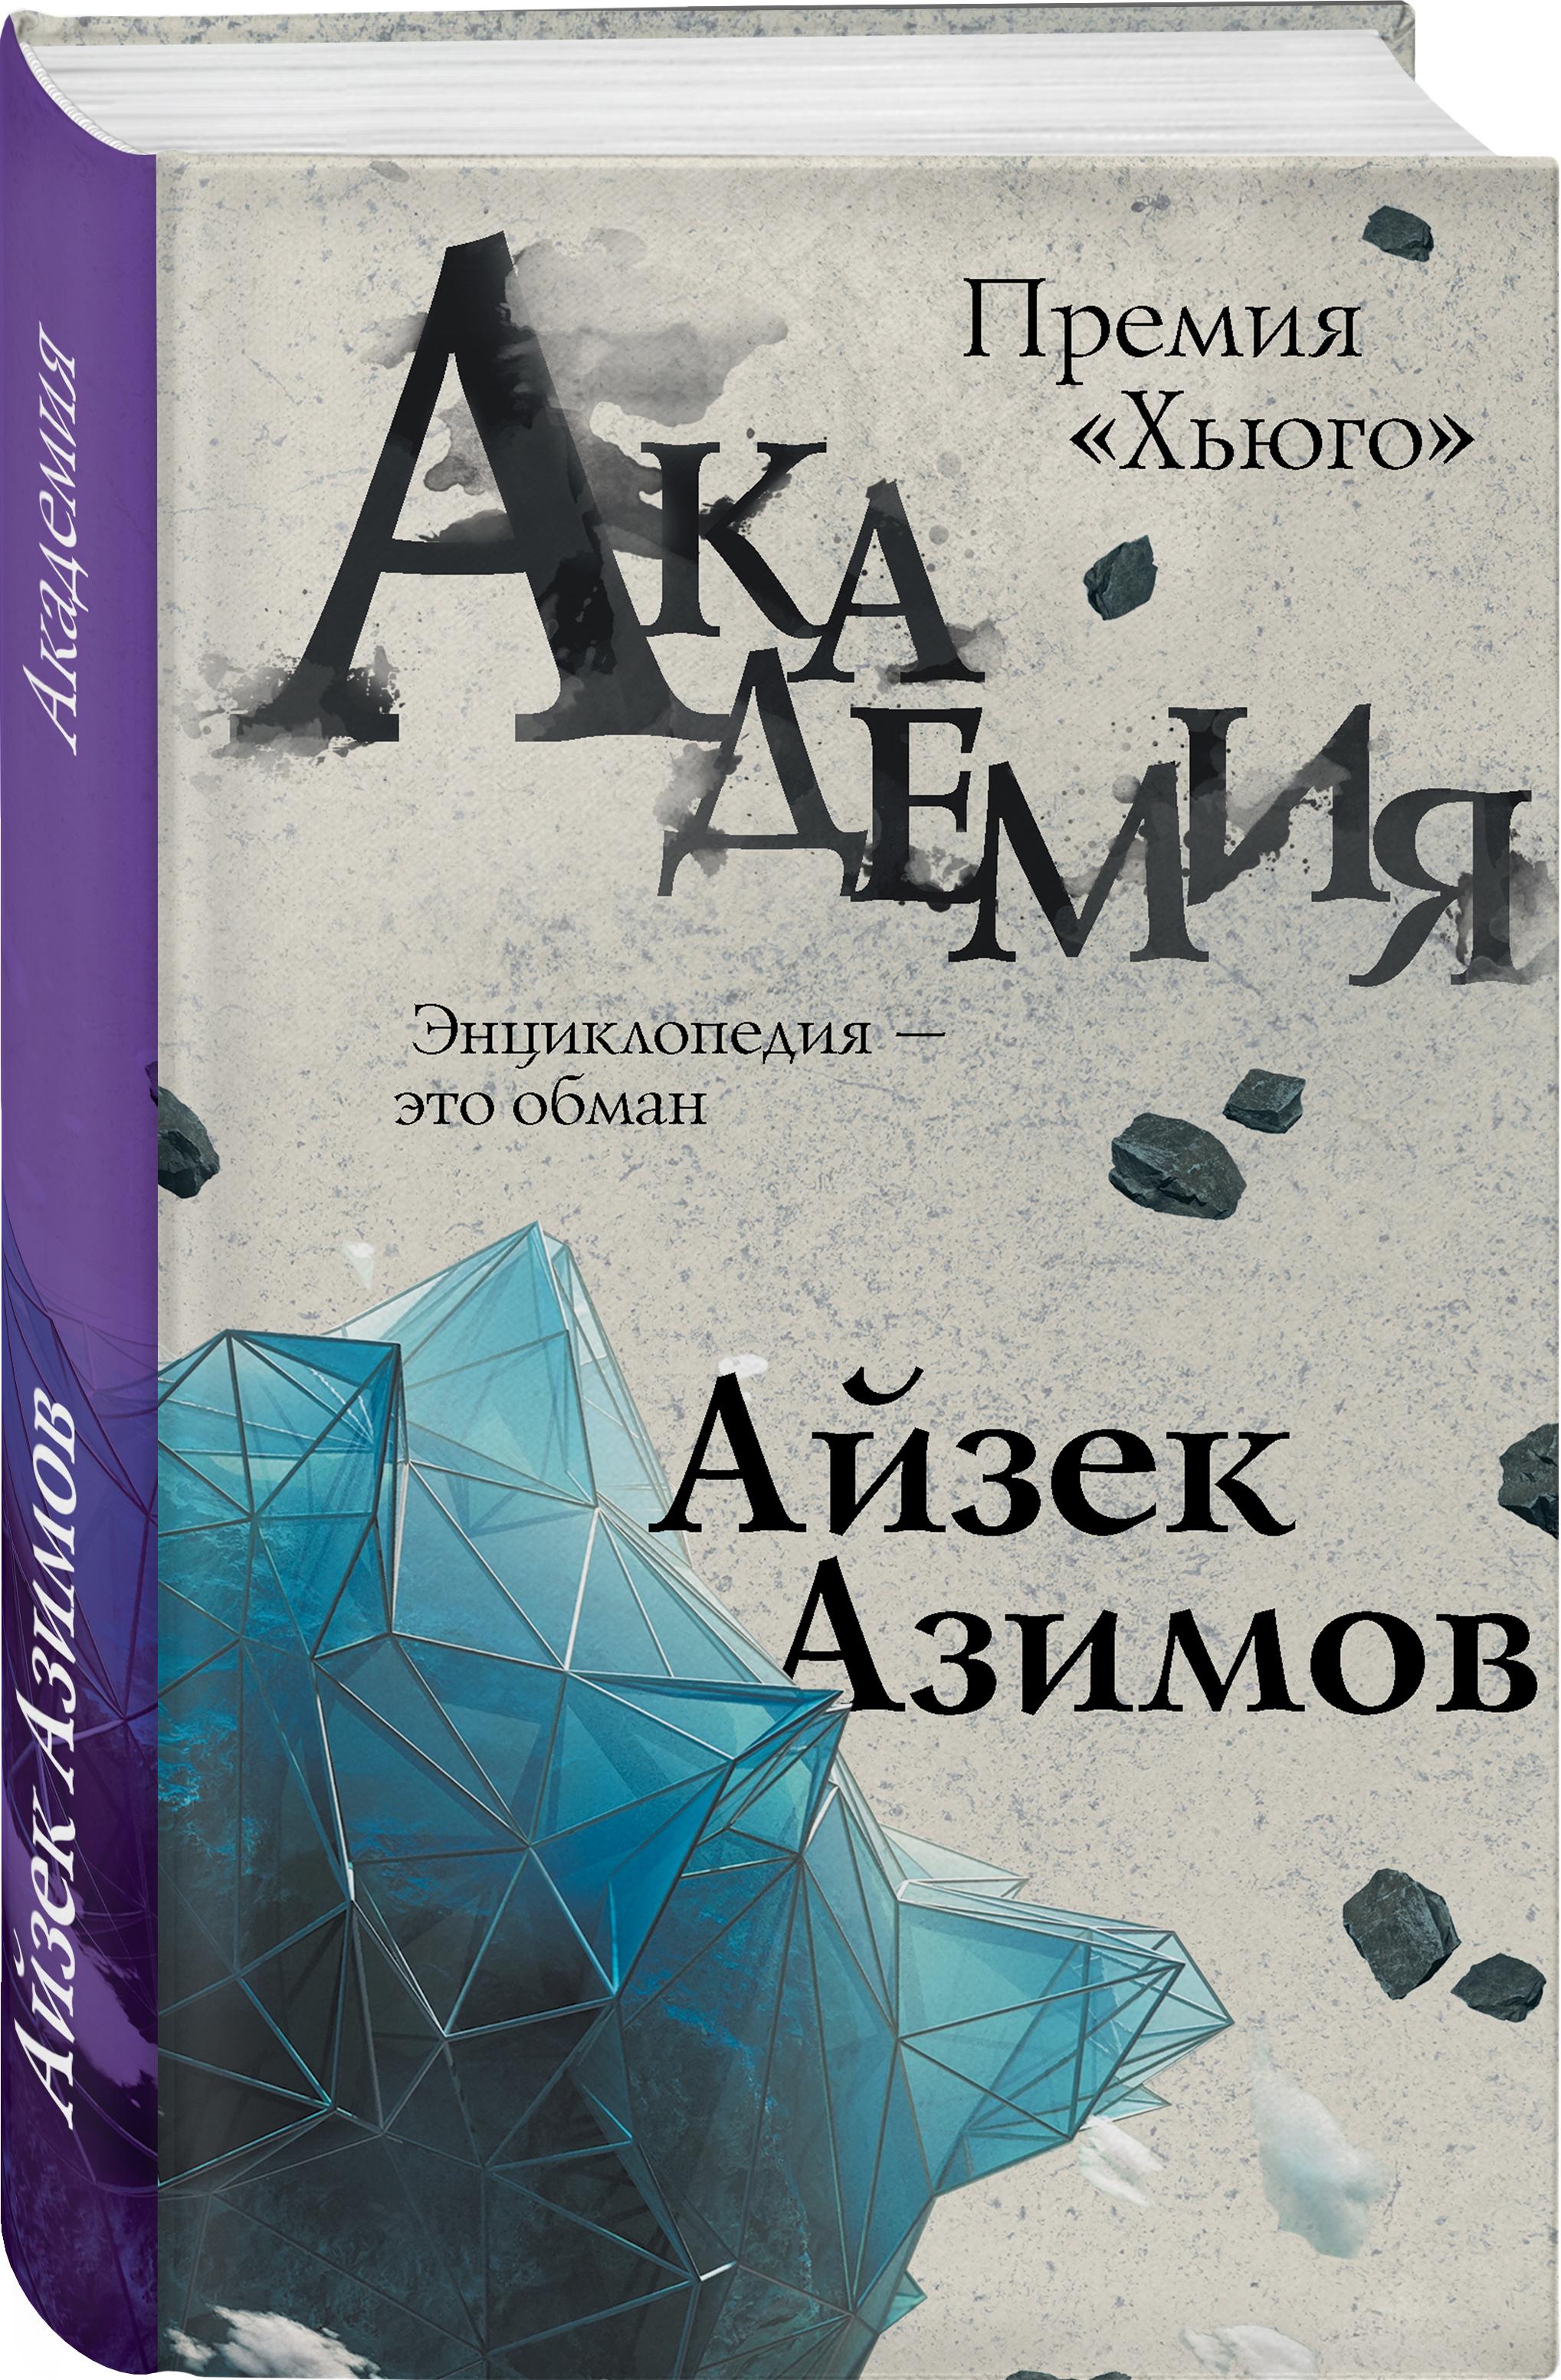 Айзек Азимов Академия азимов а вторая академия